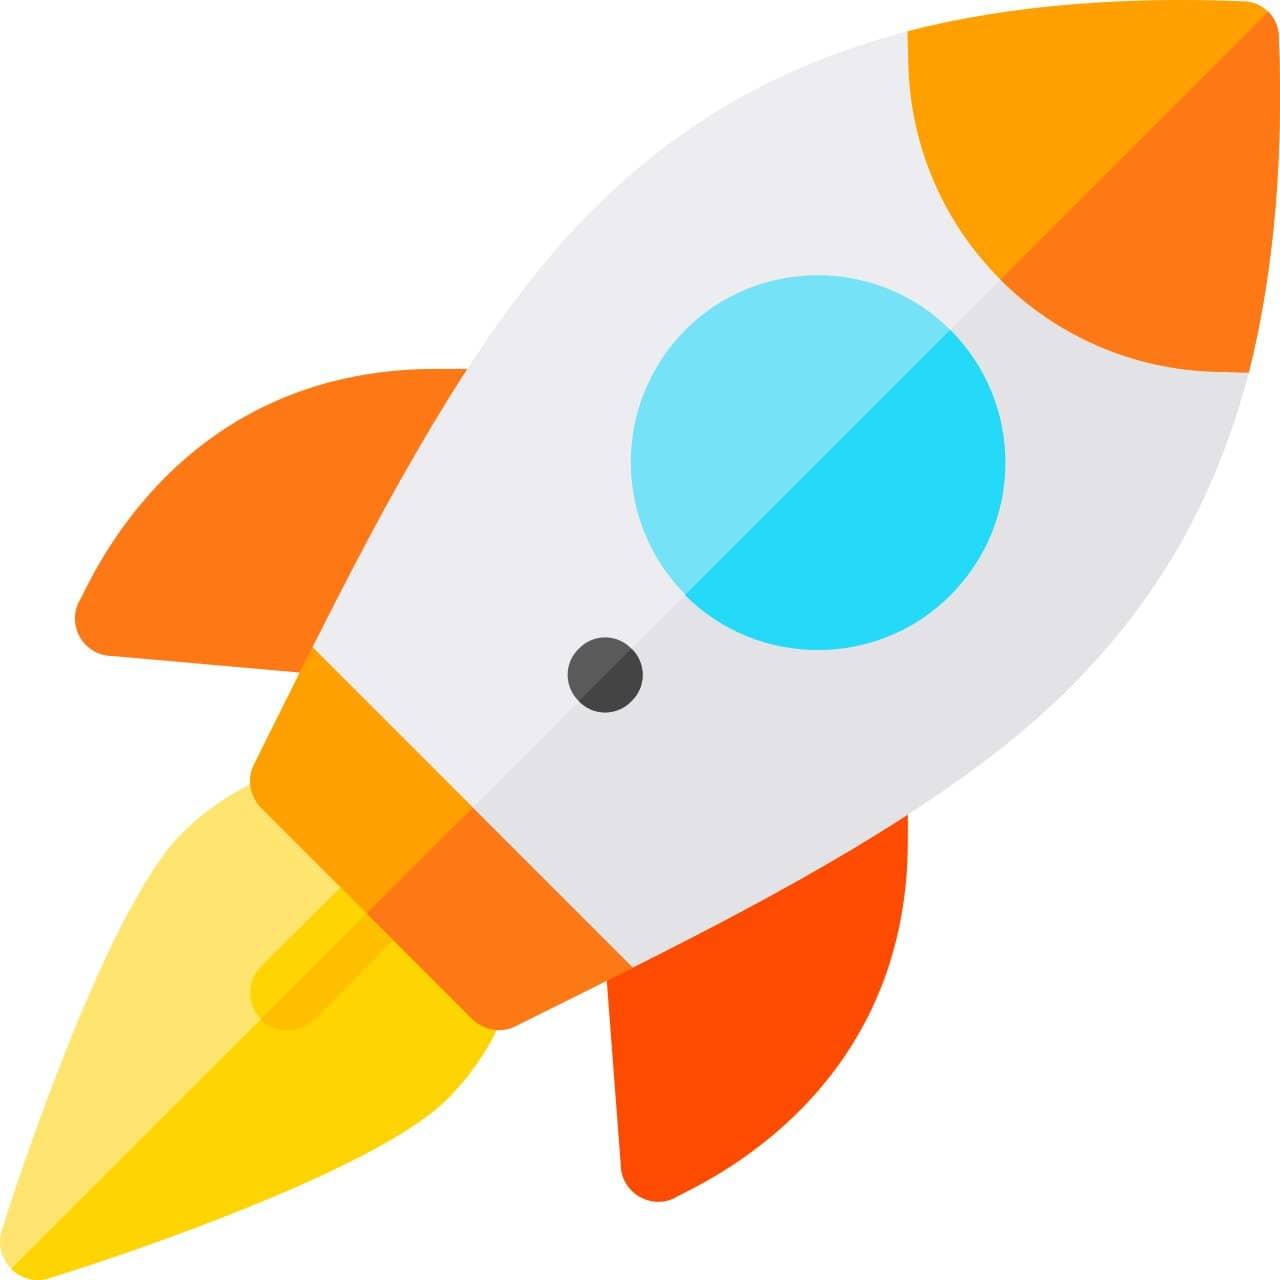 Lanzamiento del negocio – Inbound marketing